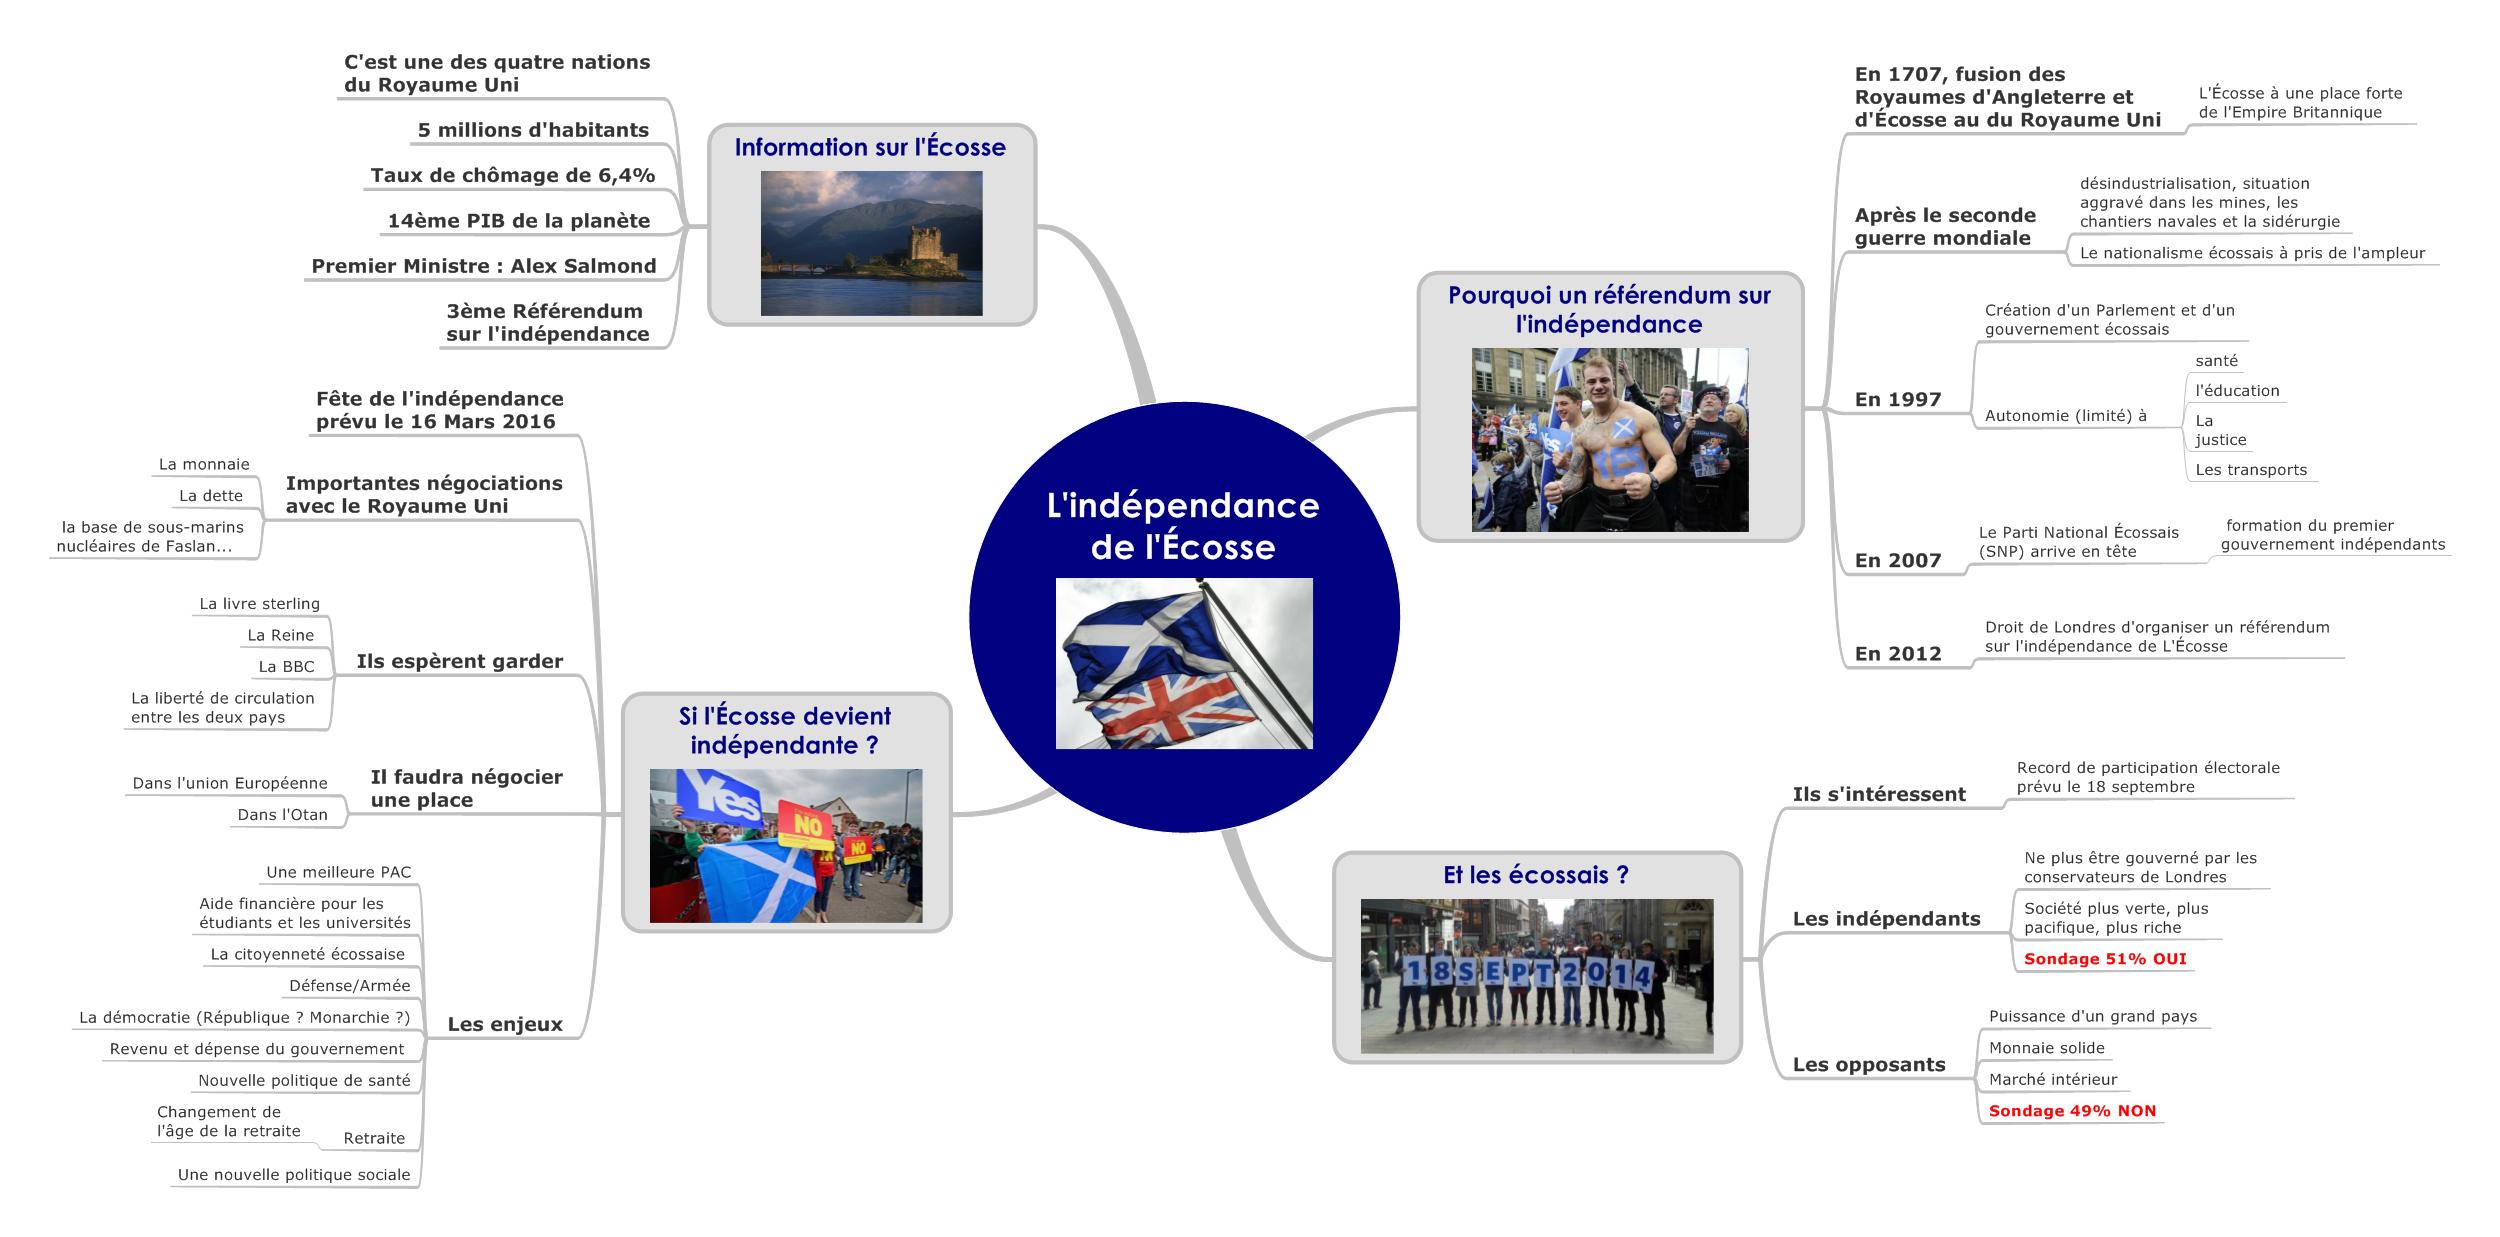 L'indépendance de l'Ecosse – #ActuMapping